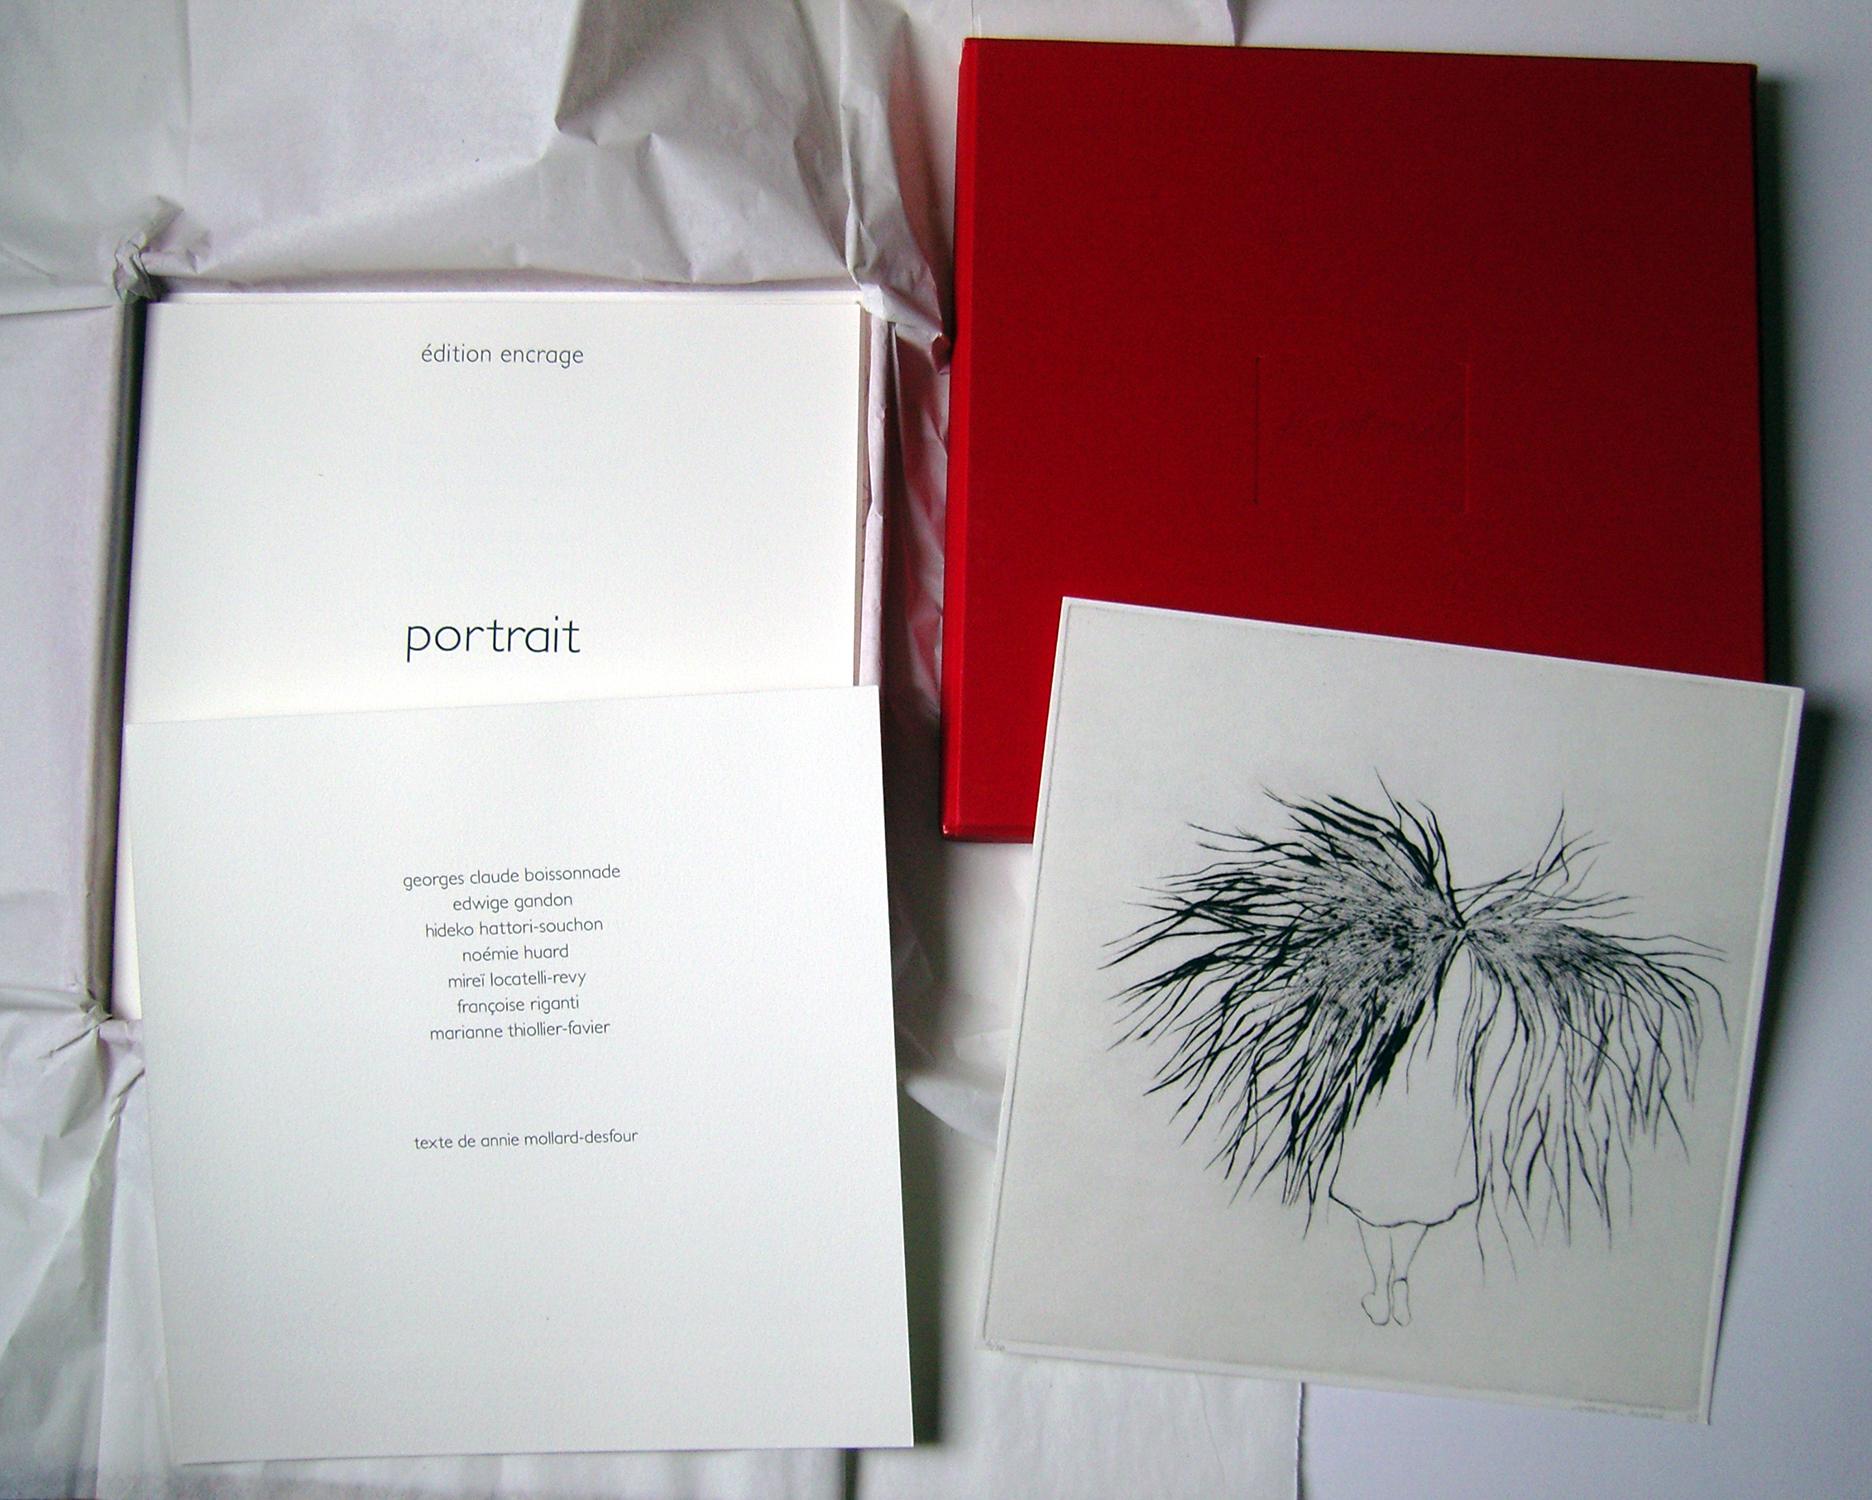 <i>portrait</i>, édition encrage, 2010